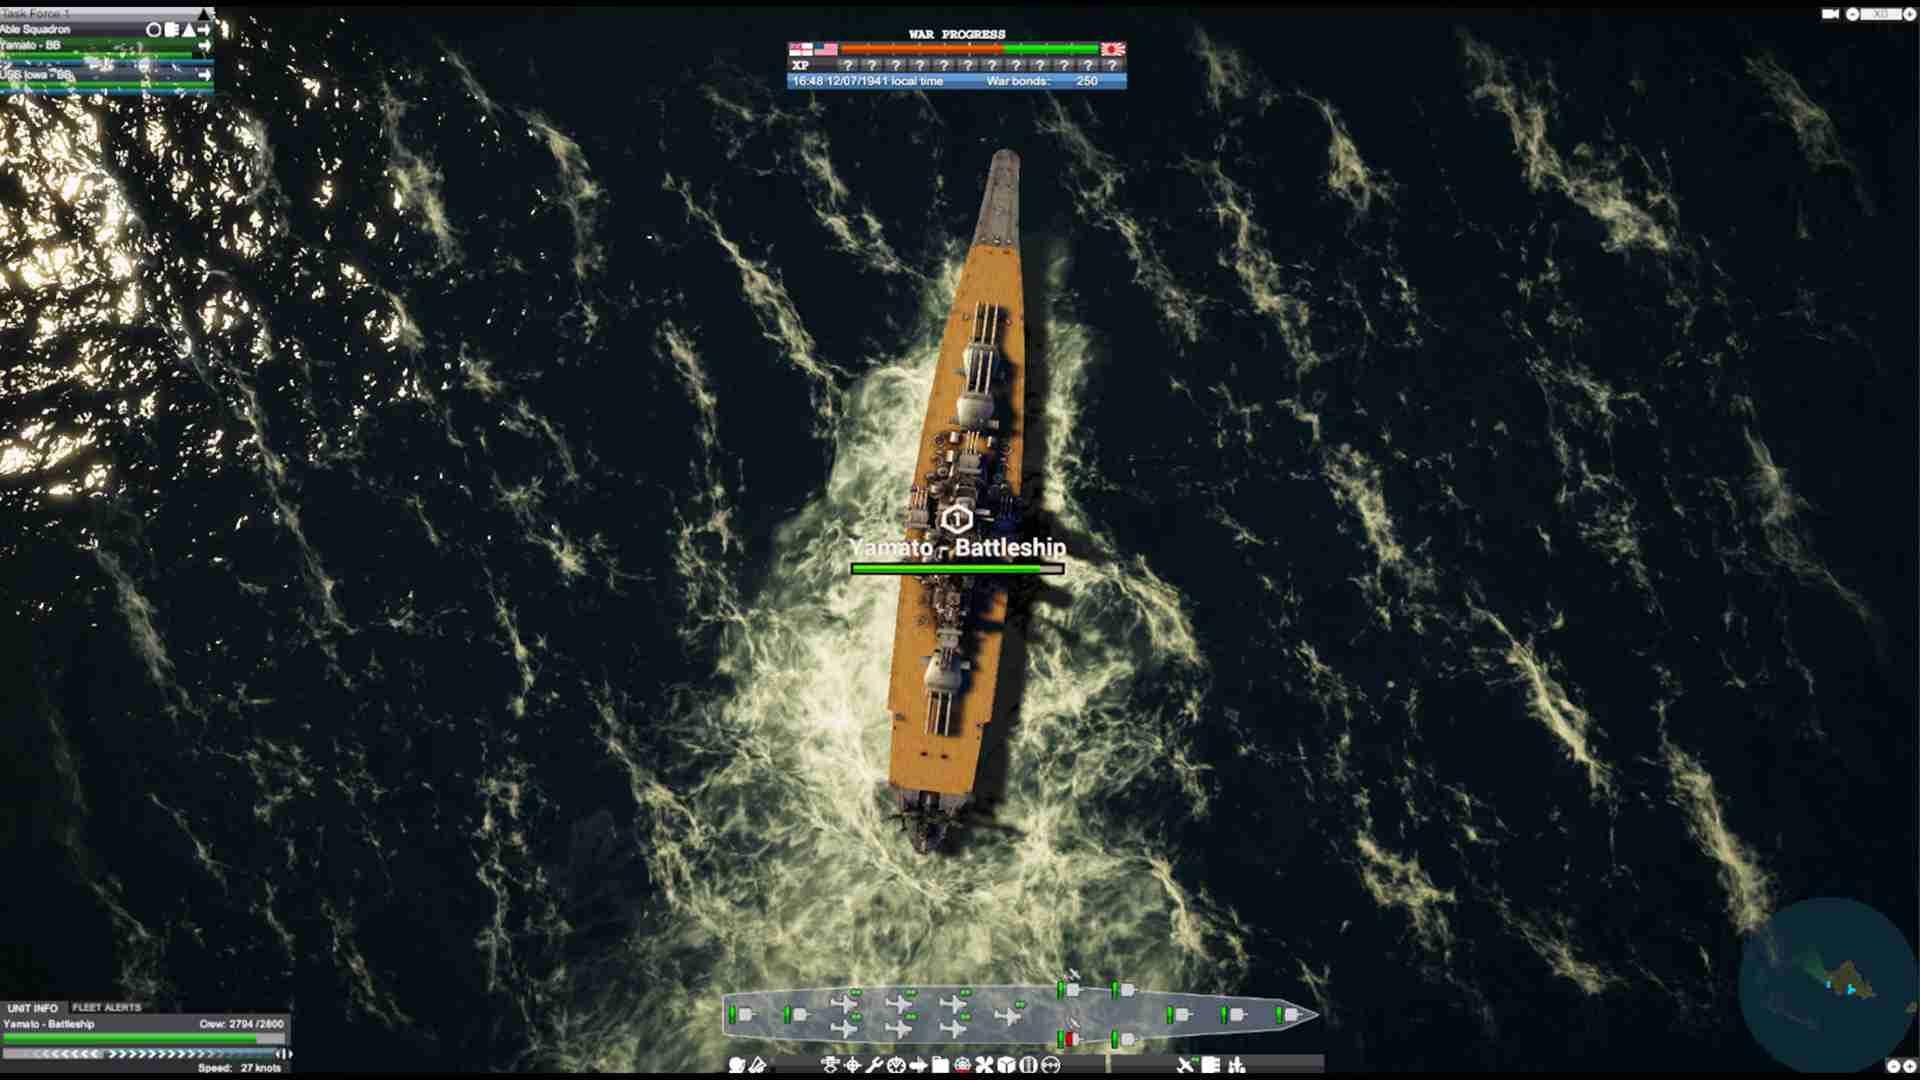 太平洋雄风图片